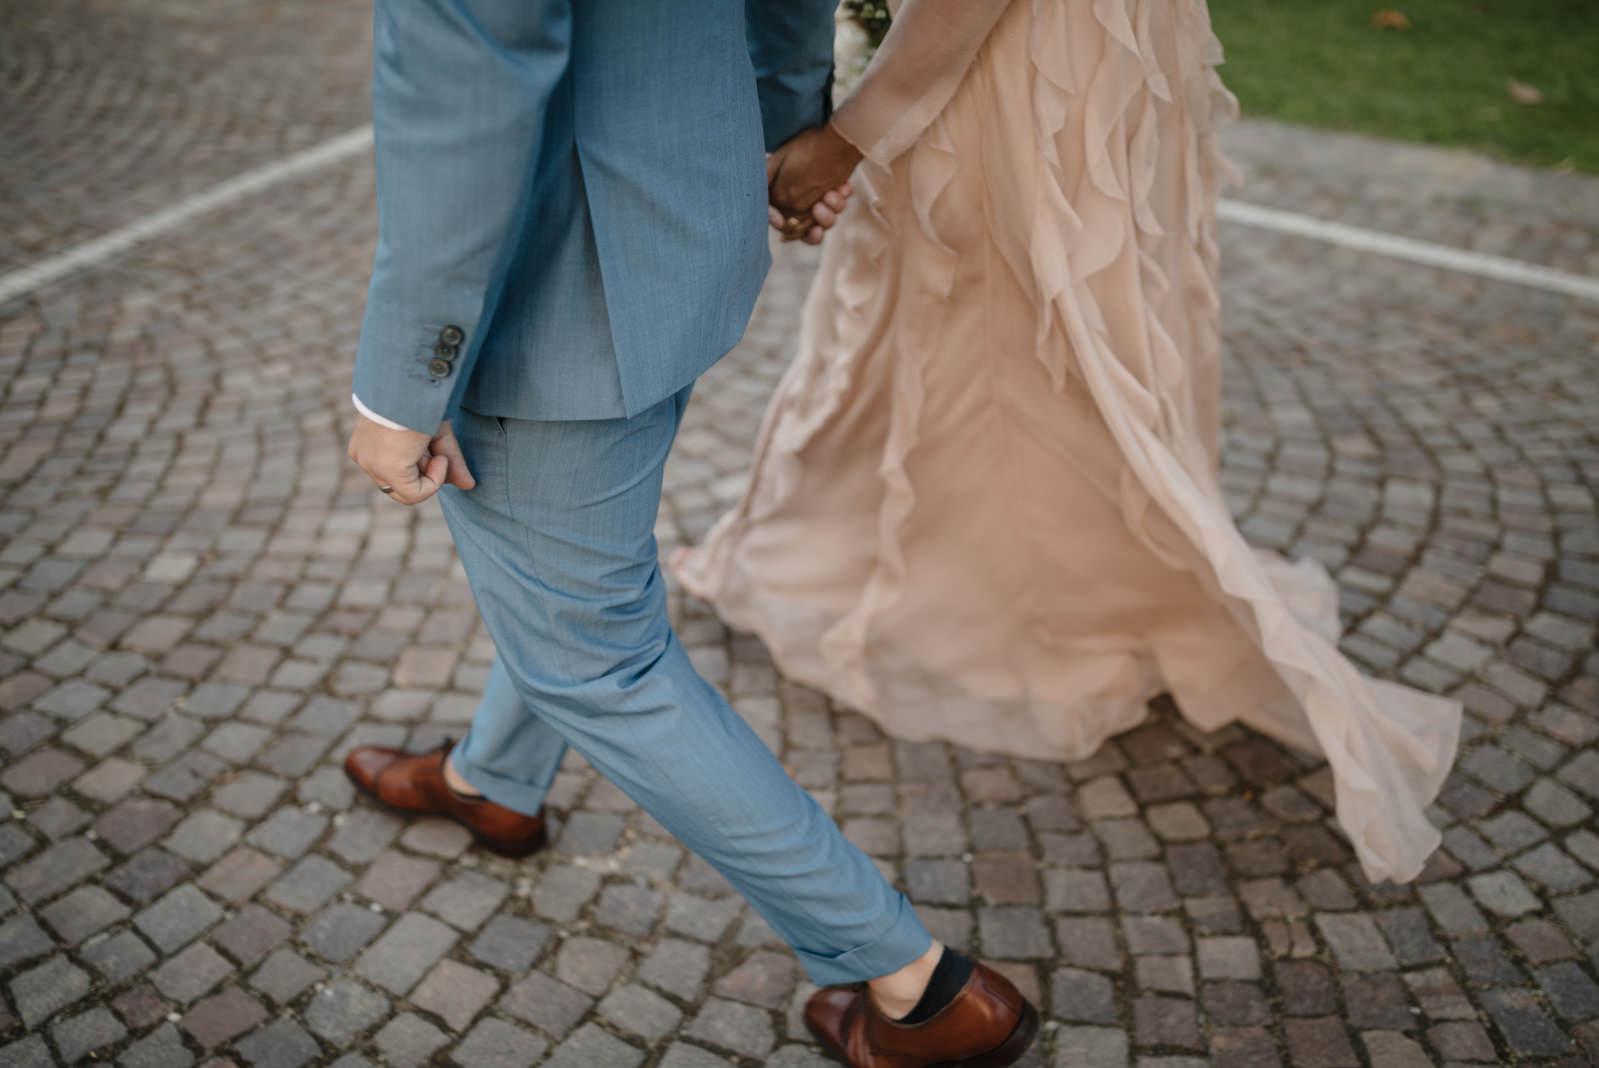 Photographe de mariage basé en Provence